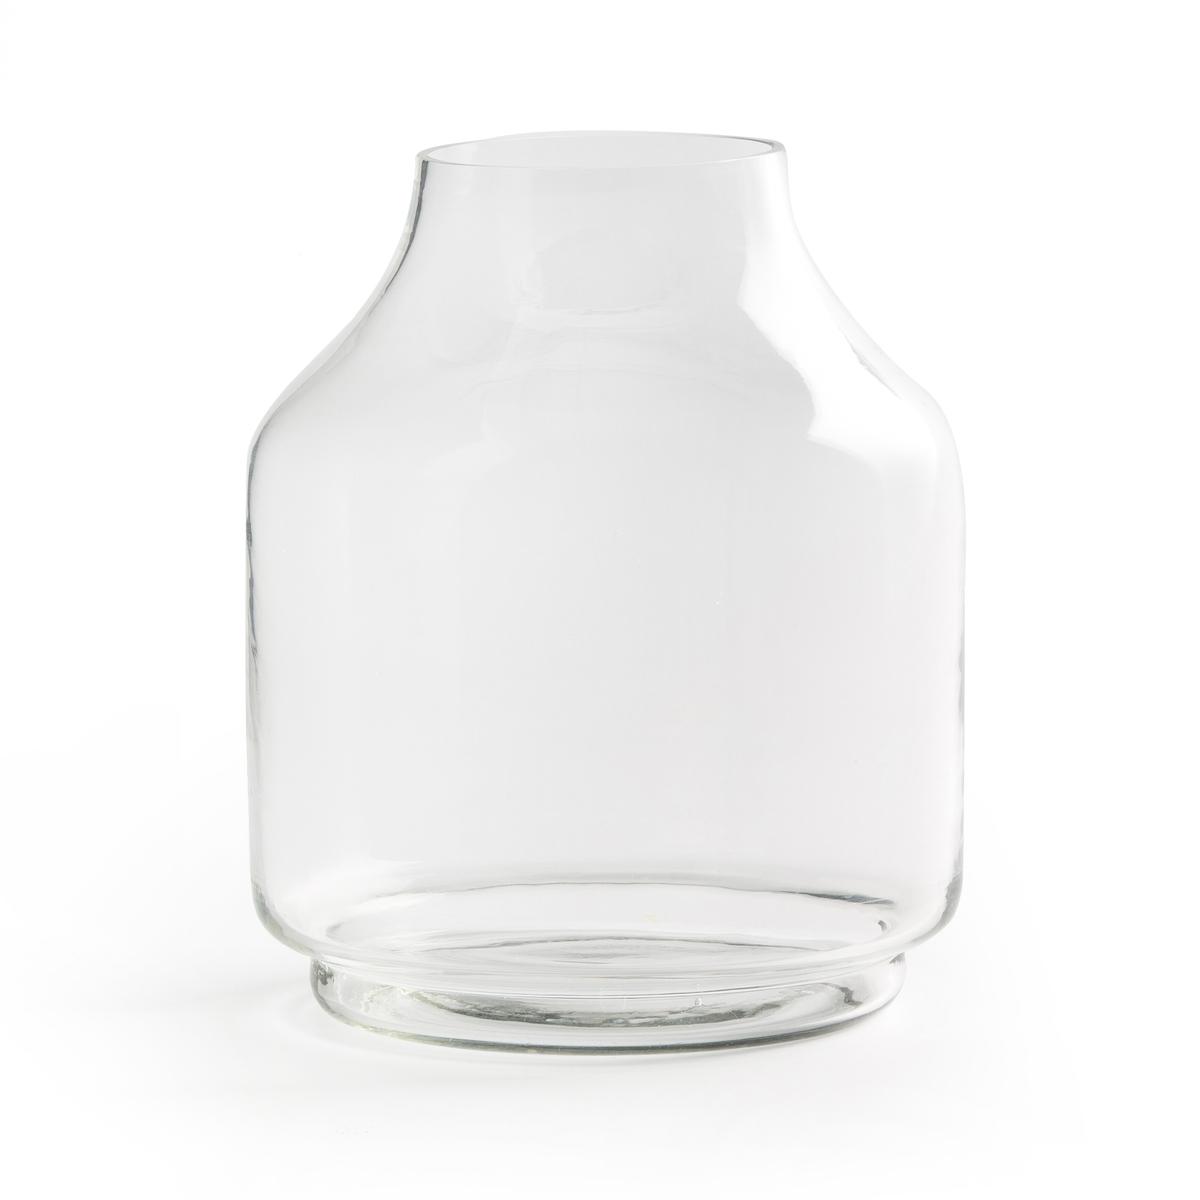 Ваза из прозрачного стекла EPUR вазы pavone ваза